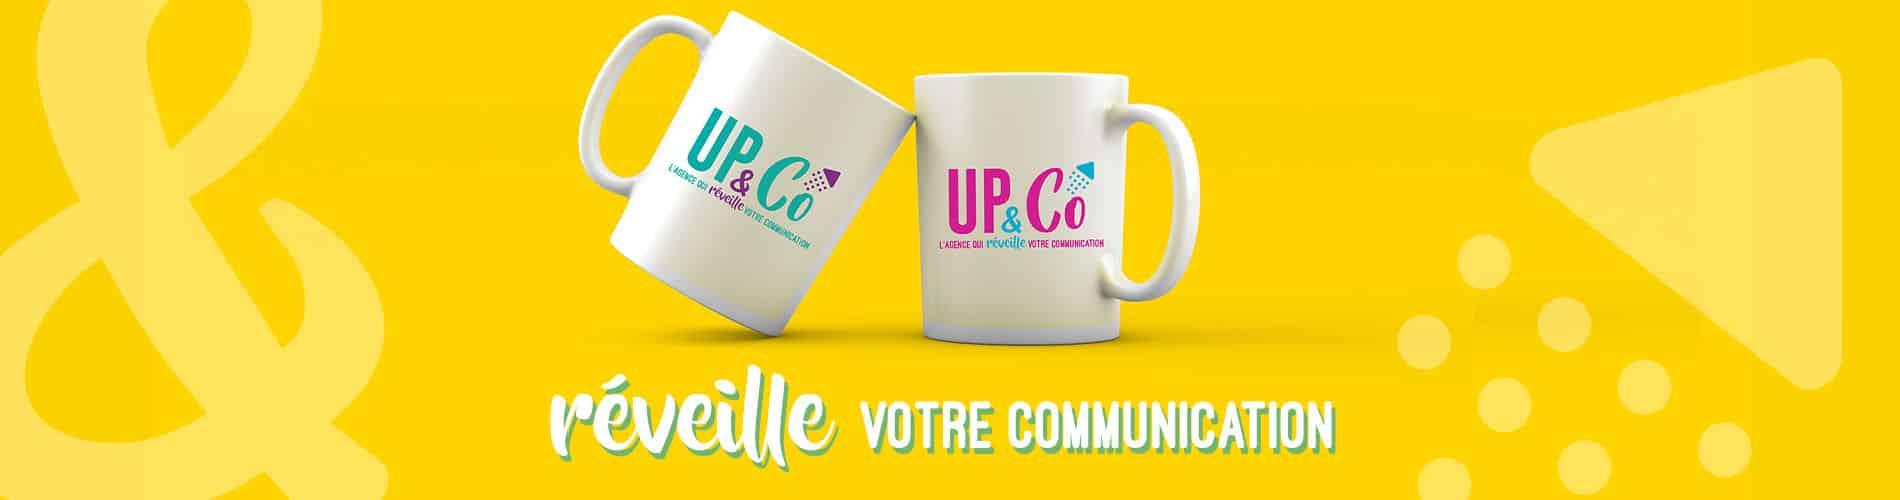 Up&Co - Communication et organisation d'événements professionnels - réseaux sociaux - print - marketing digital